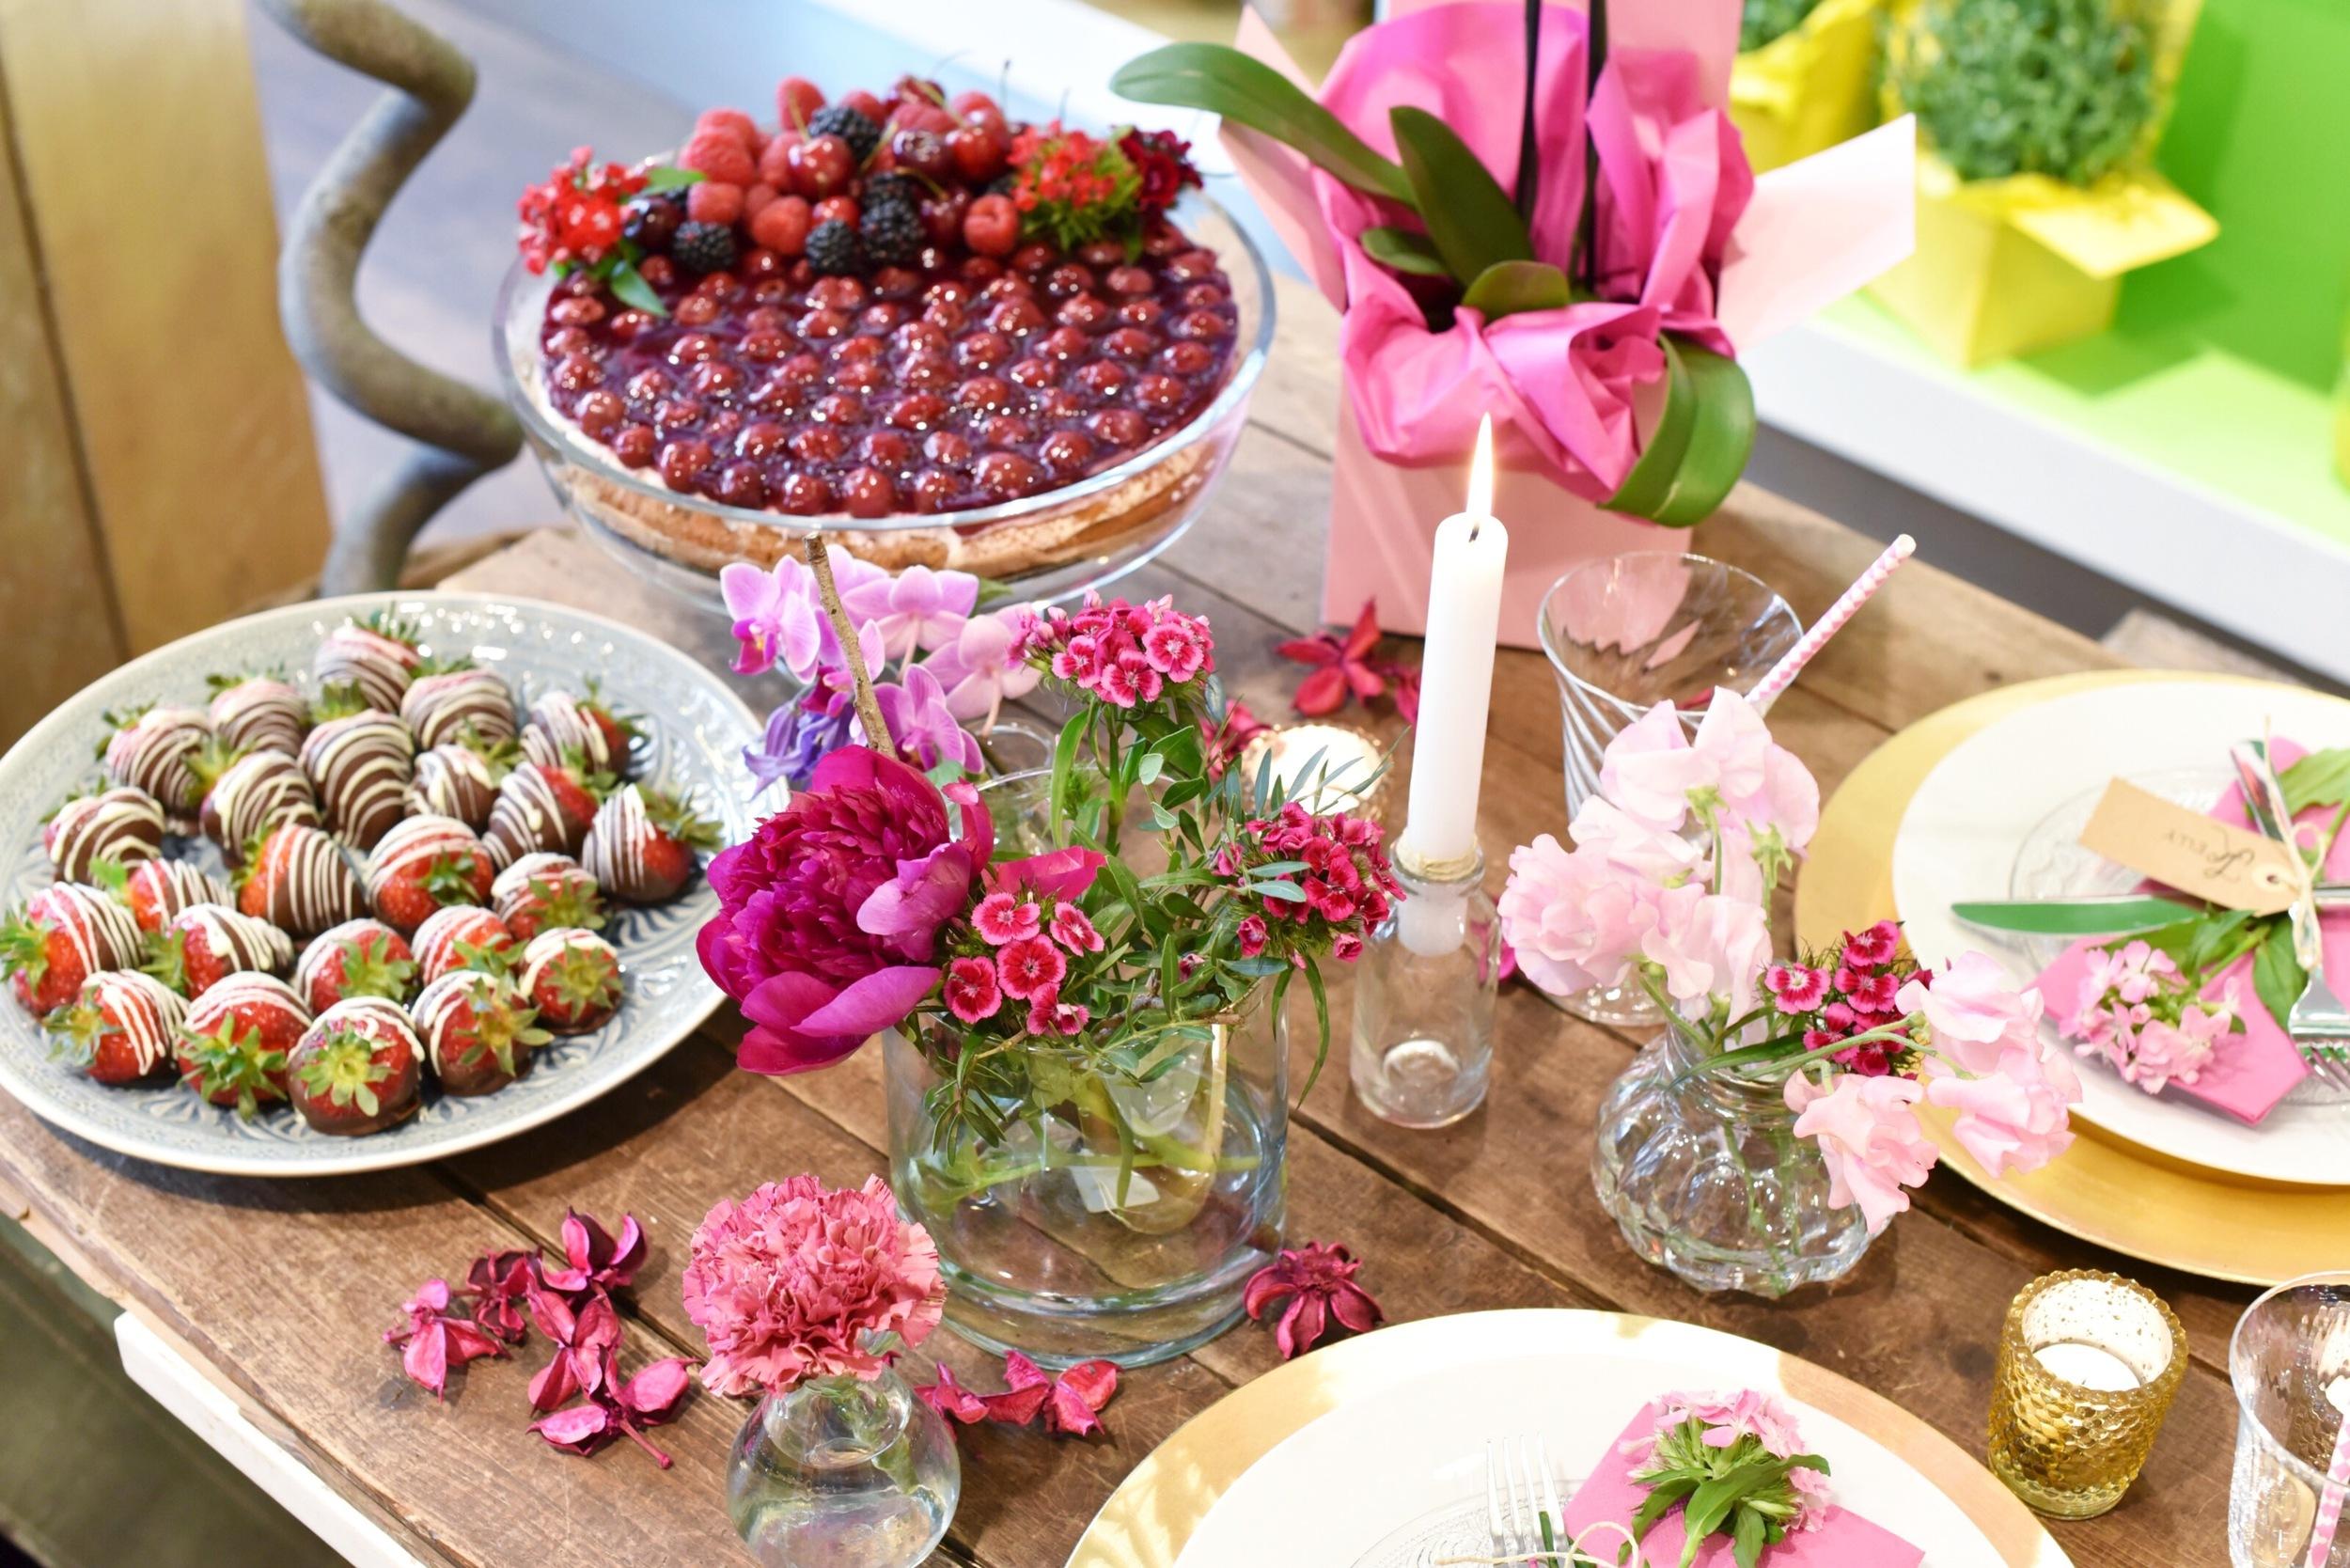 Eine kleine Auswahl unserer süßen Snacks! Der Kirschkuchen von  Barösta  war besonders lecker und sah mit unseren frischen Beeren und Blumen auch super aus! Ihr findet Barösta auch auf Instagram: @baroesta !